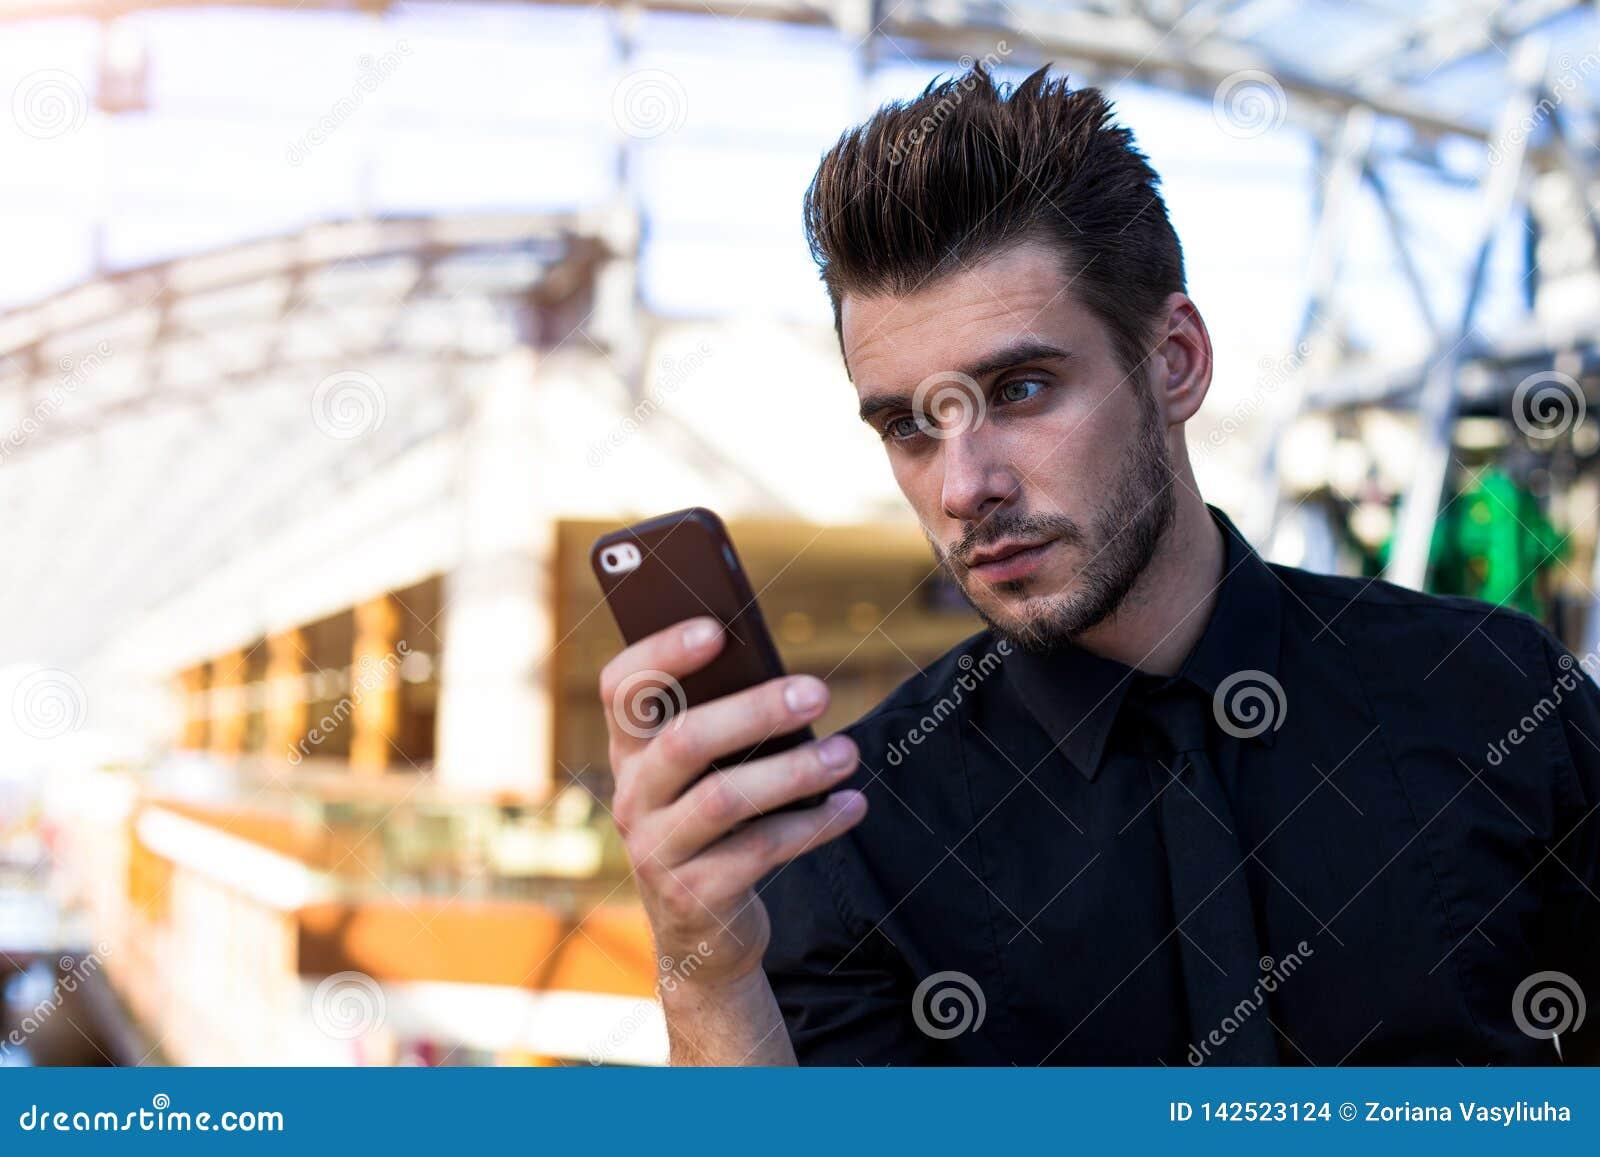 Banquero profesional barbudo que usa el teléfono móvil